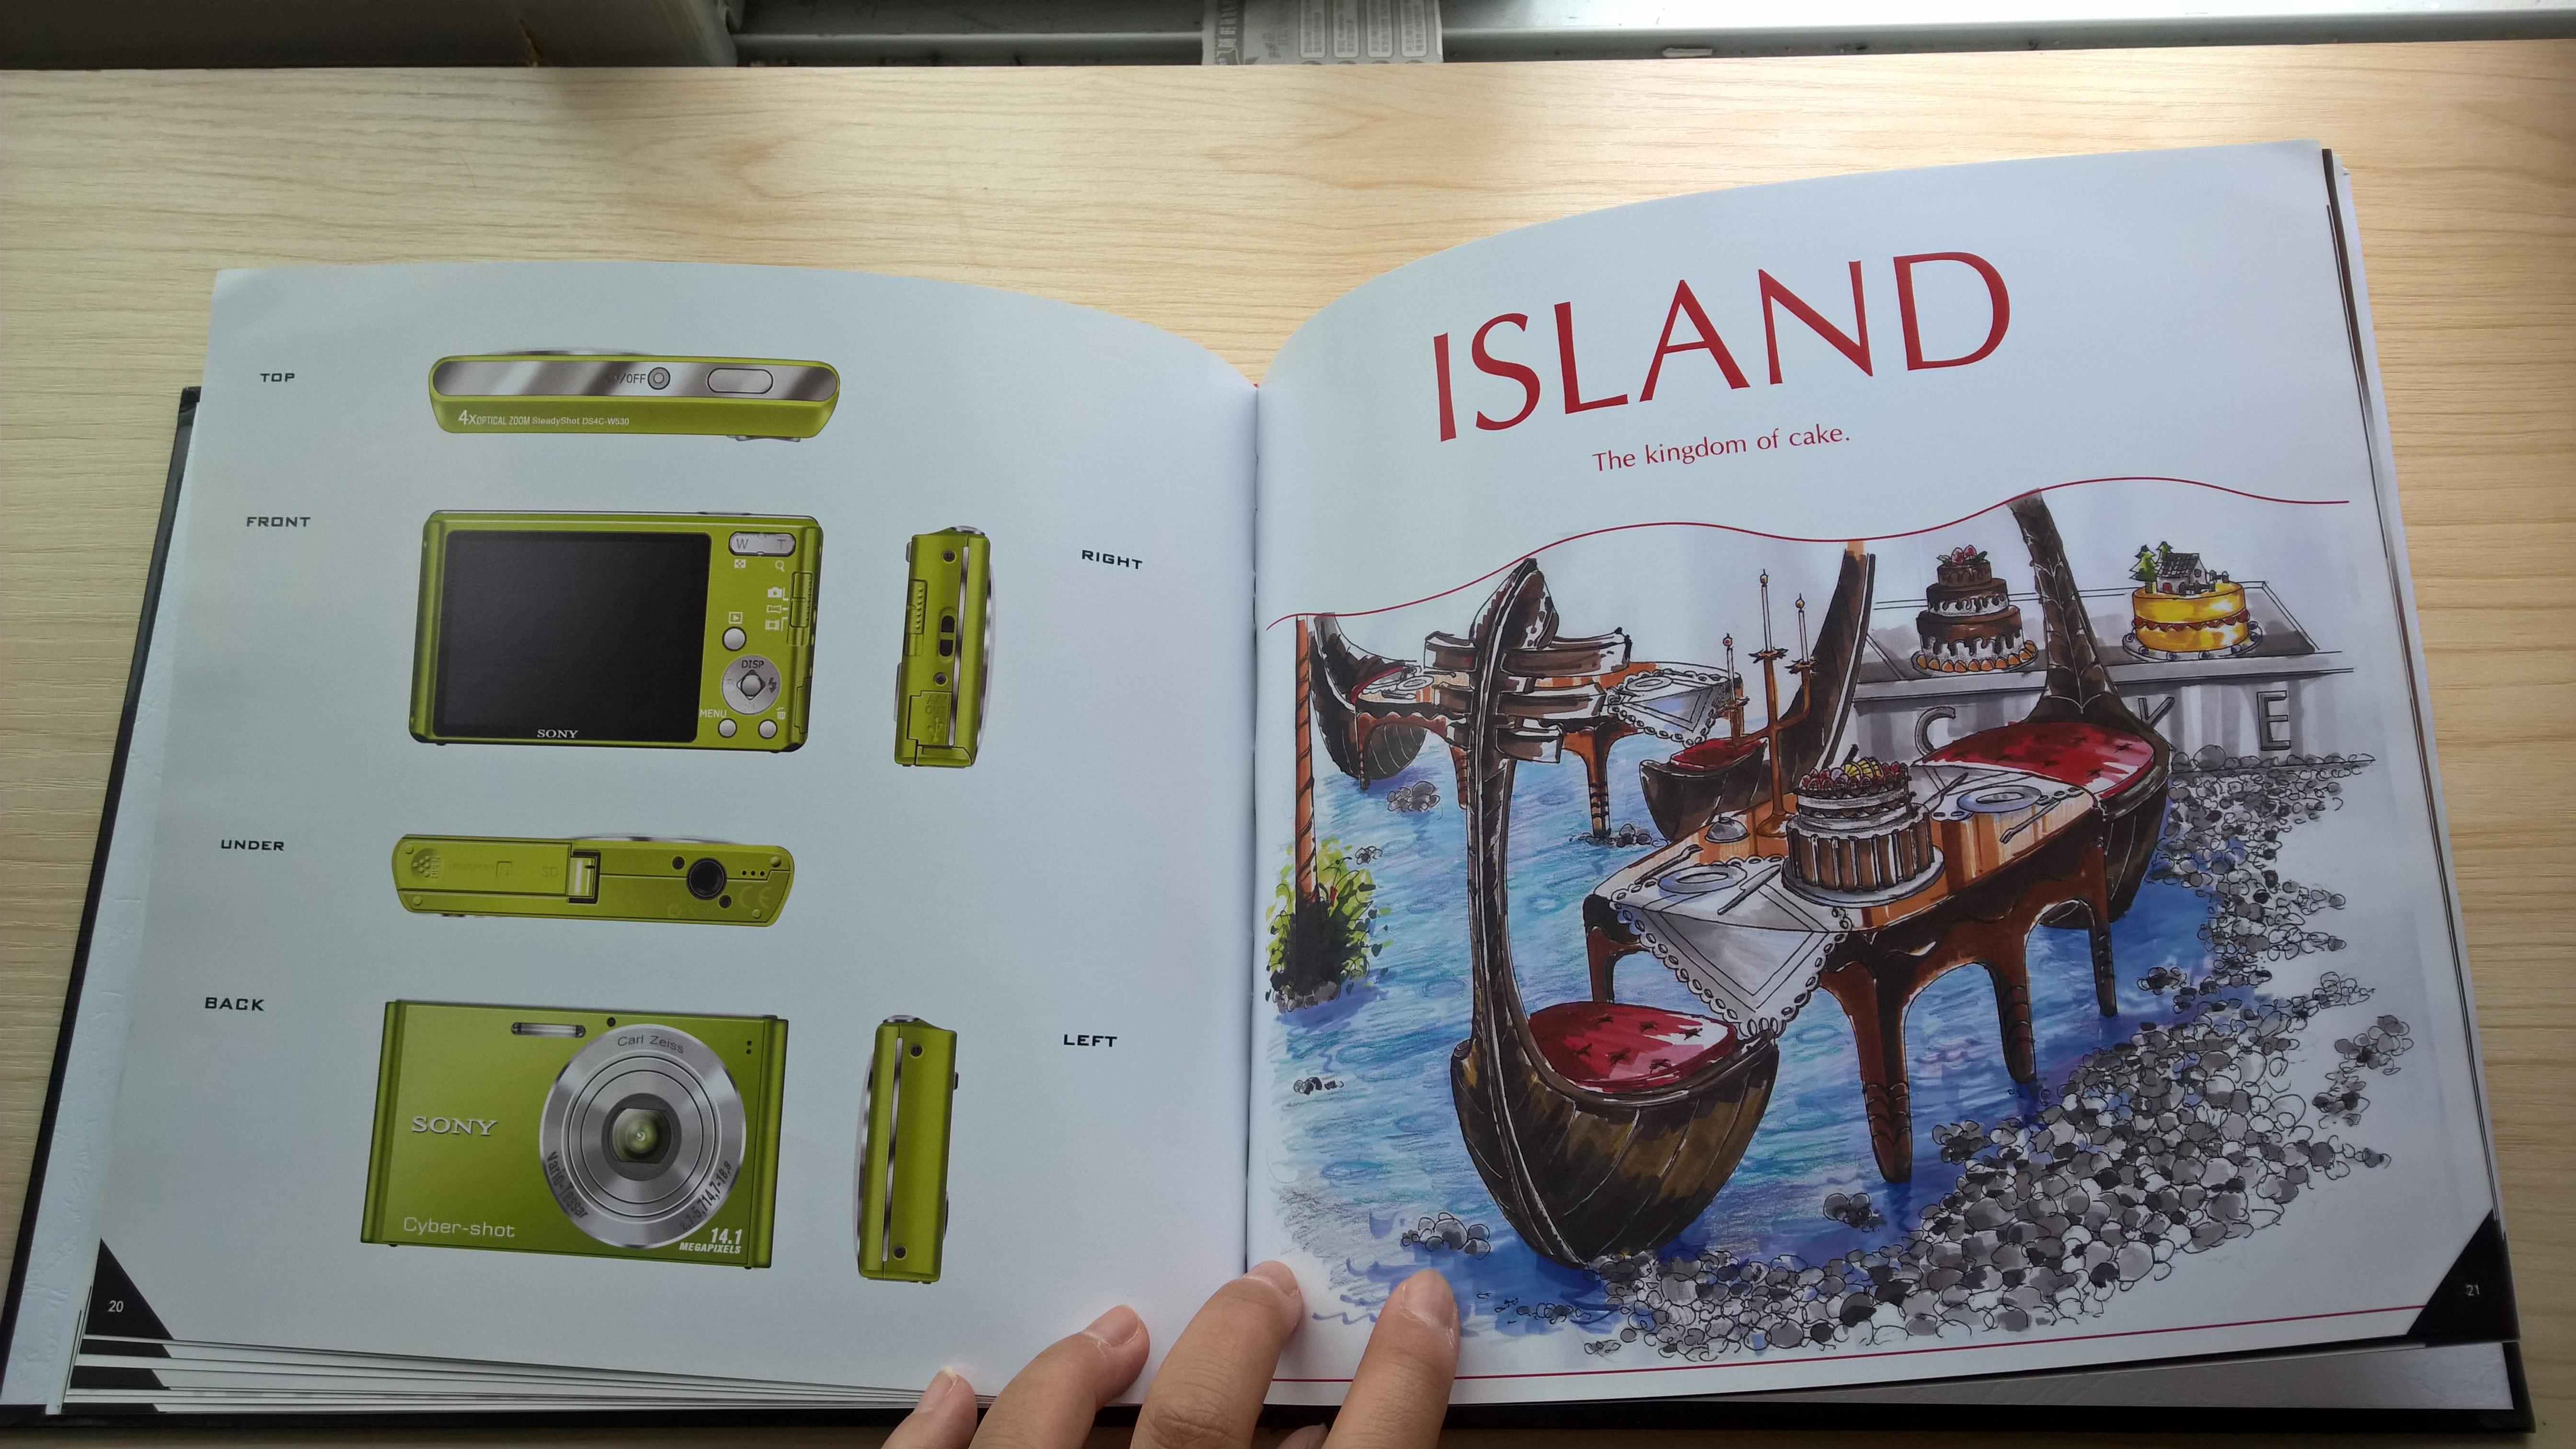 12页--sony相机临摹(左边),创意蛋糕店一角设计(右边)图片